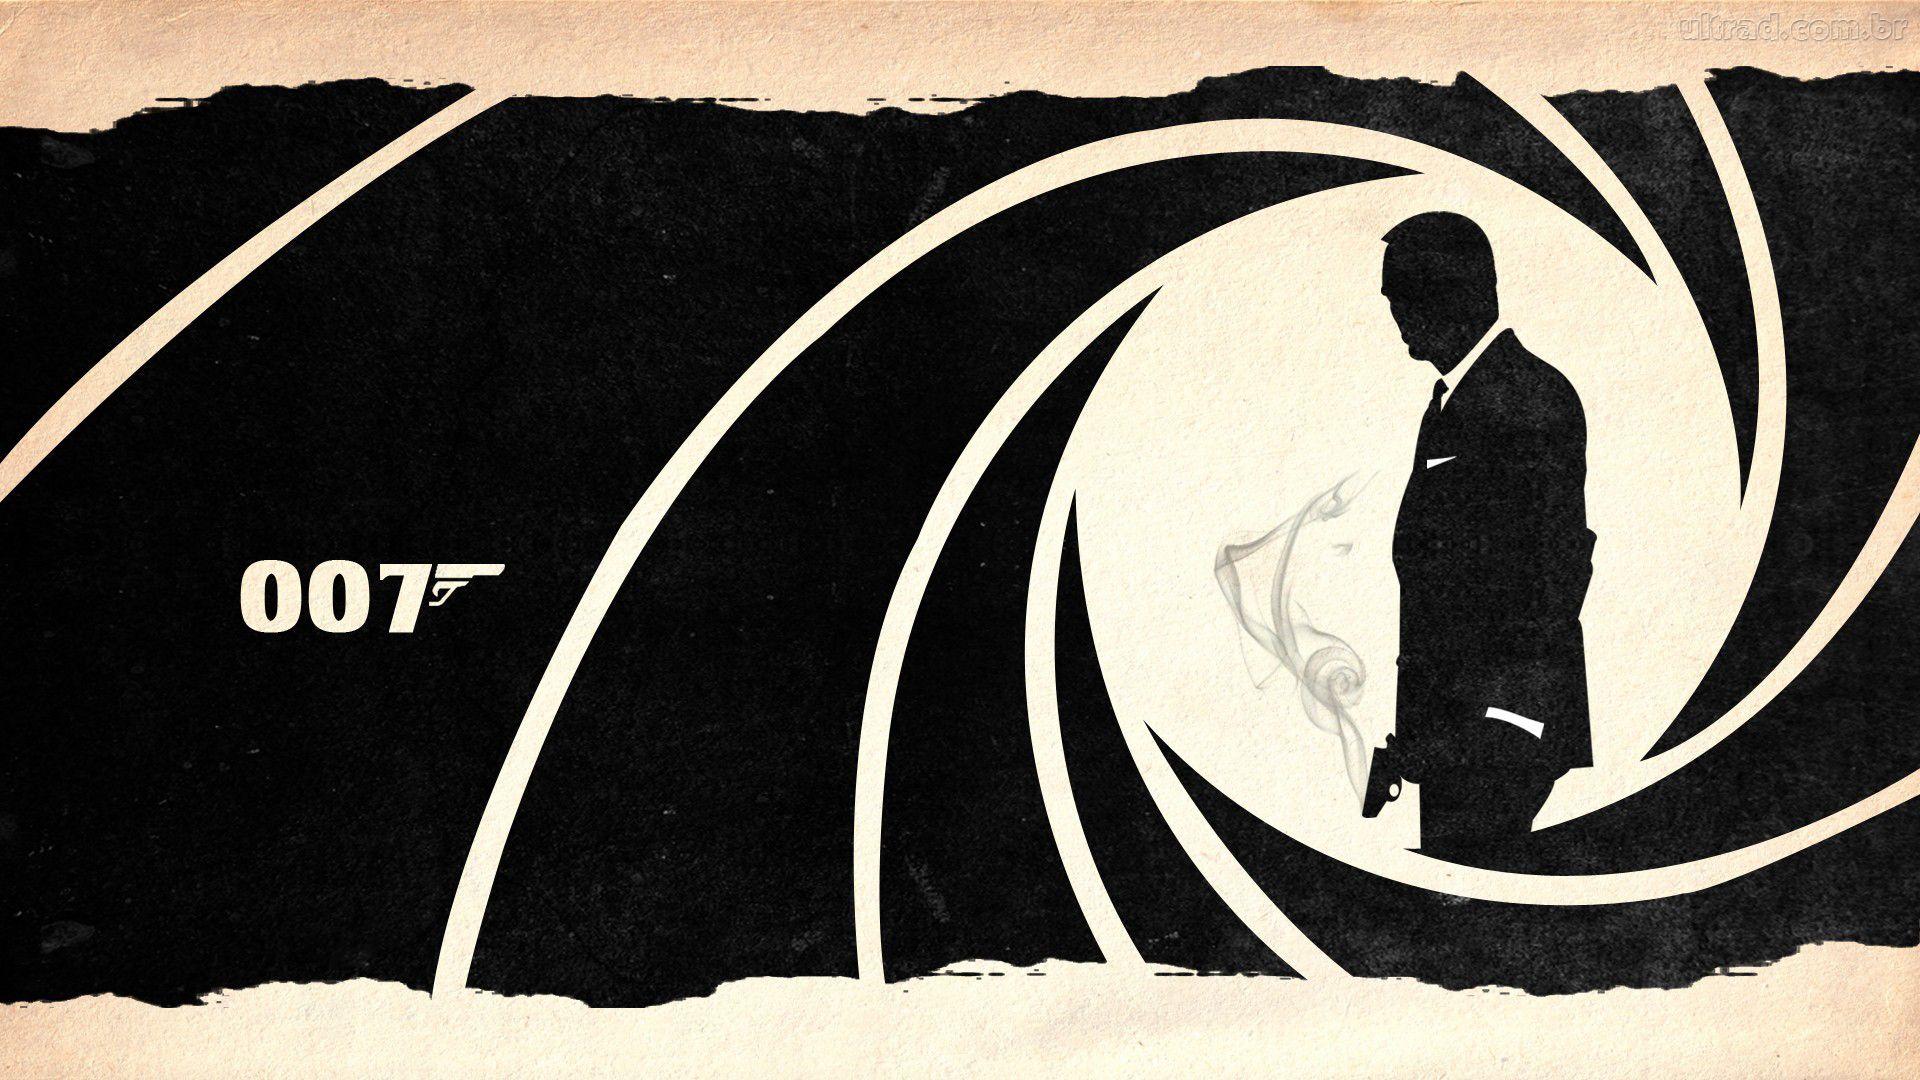 Novo livro de 007 faz heri retornar a seus anos dourados   Livros 1920x1080